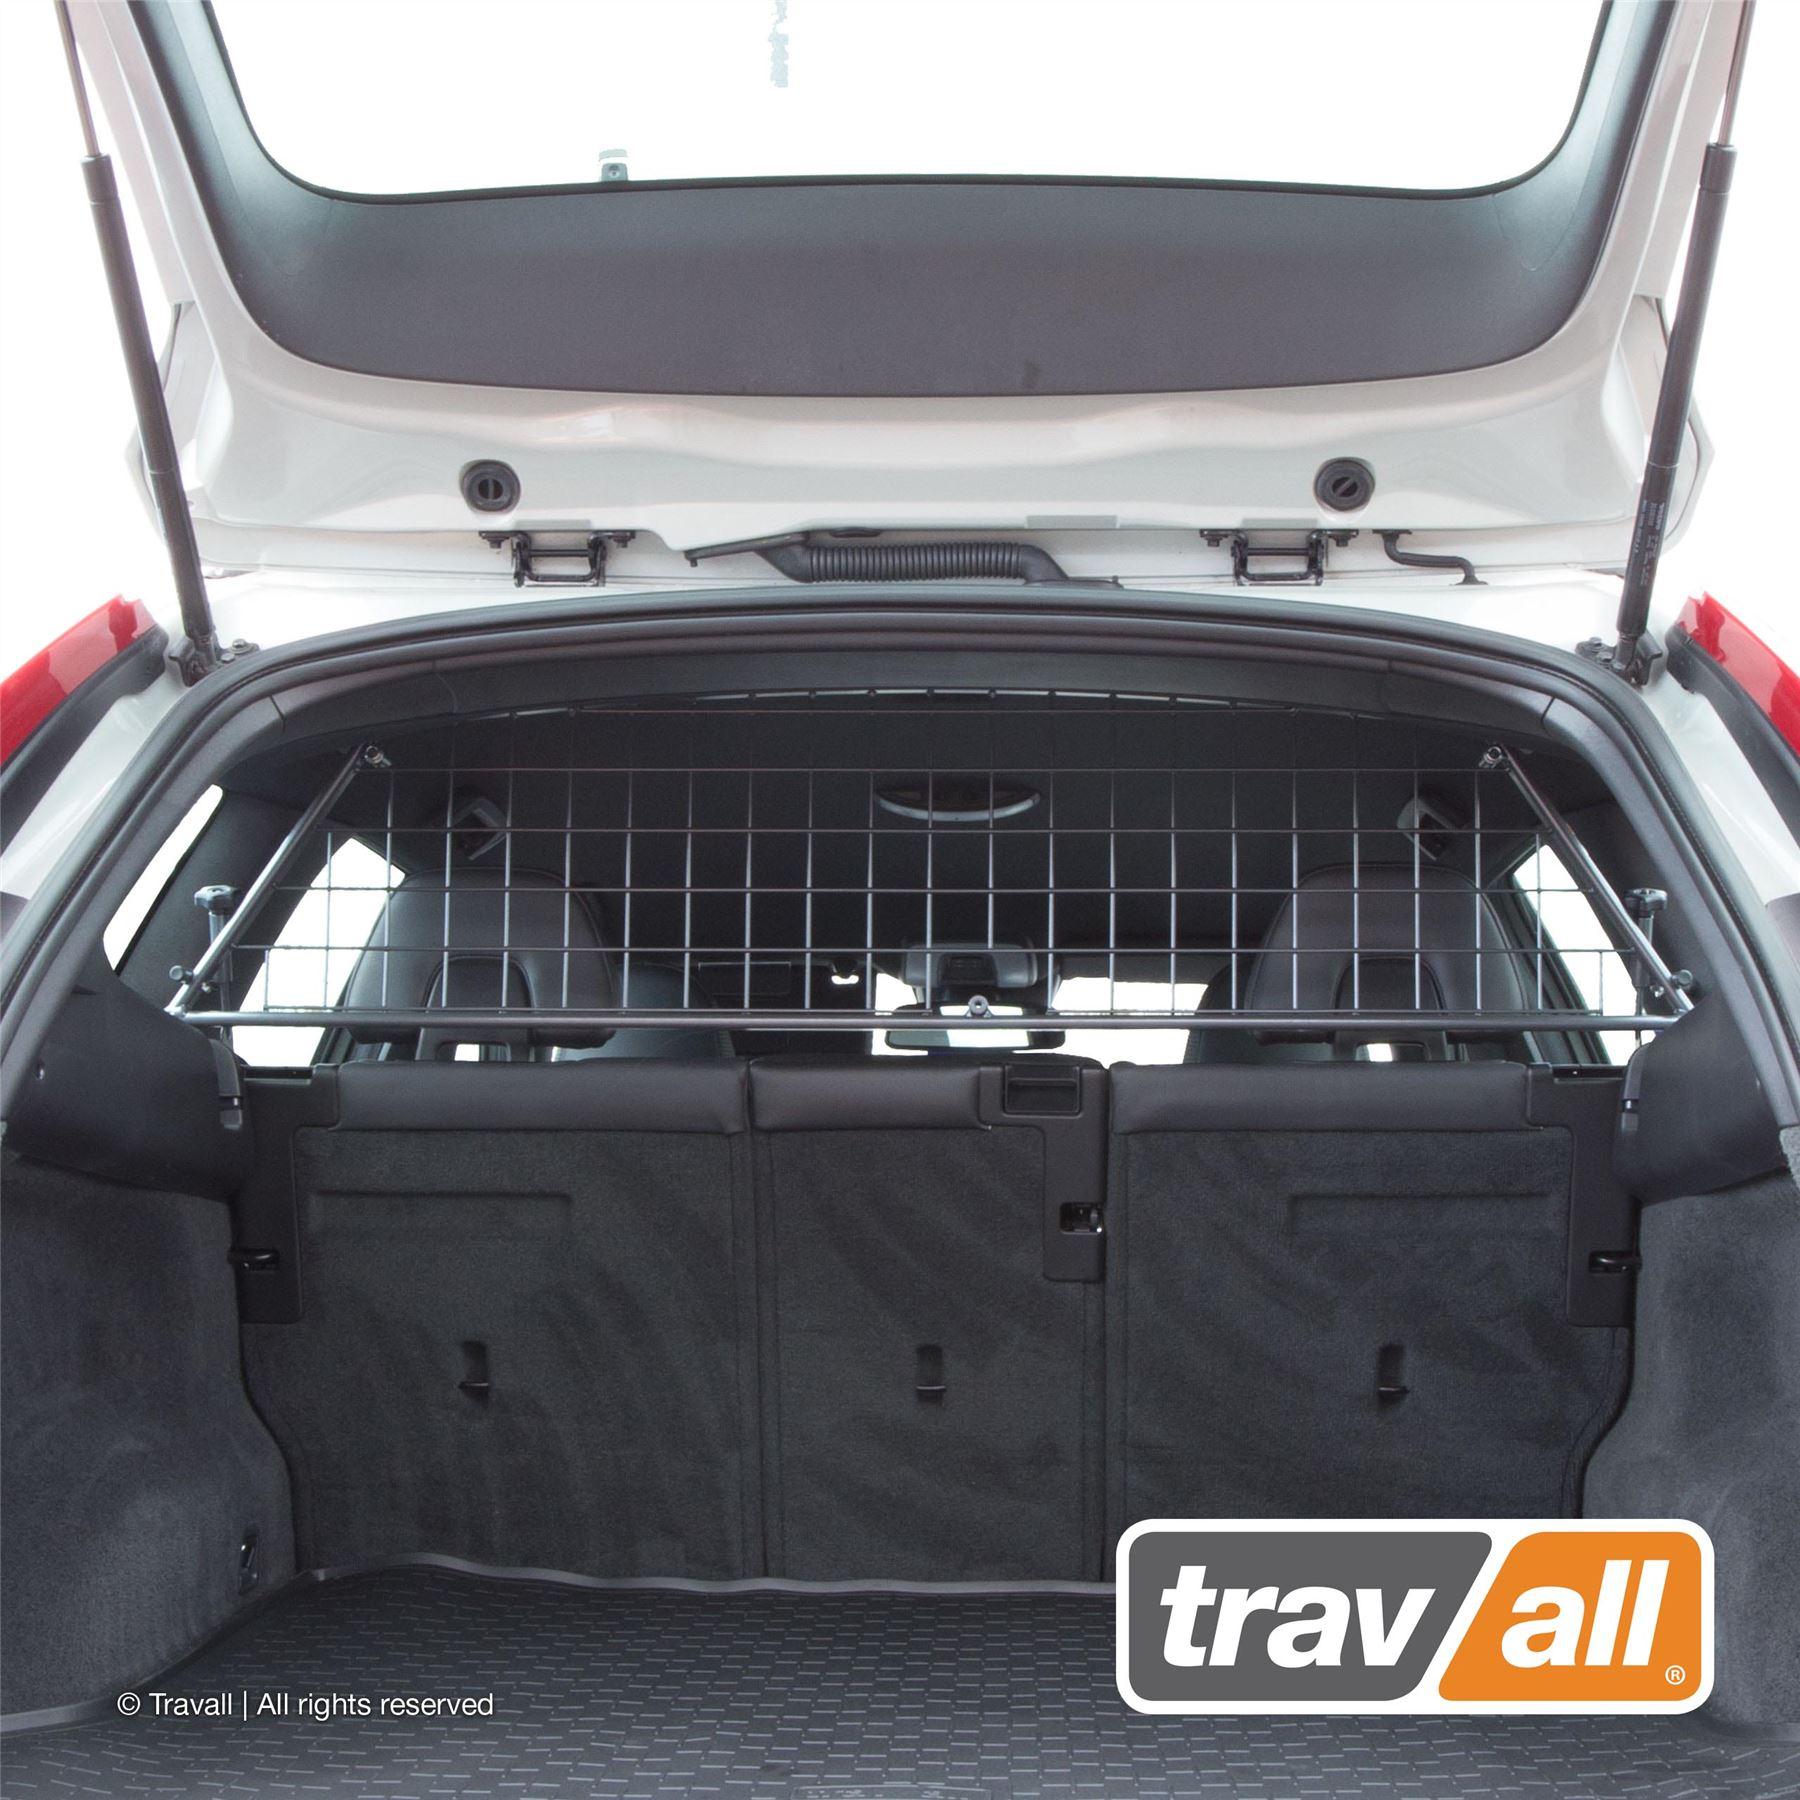 For Vauxhall Corsa D 2007 On HEAVY DUTY HEADREST MESH DOG CAR GUARD